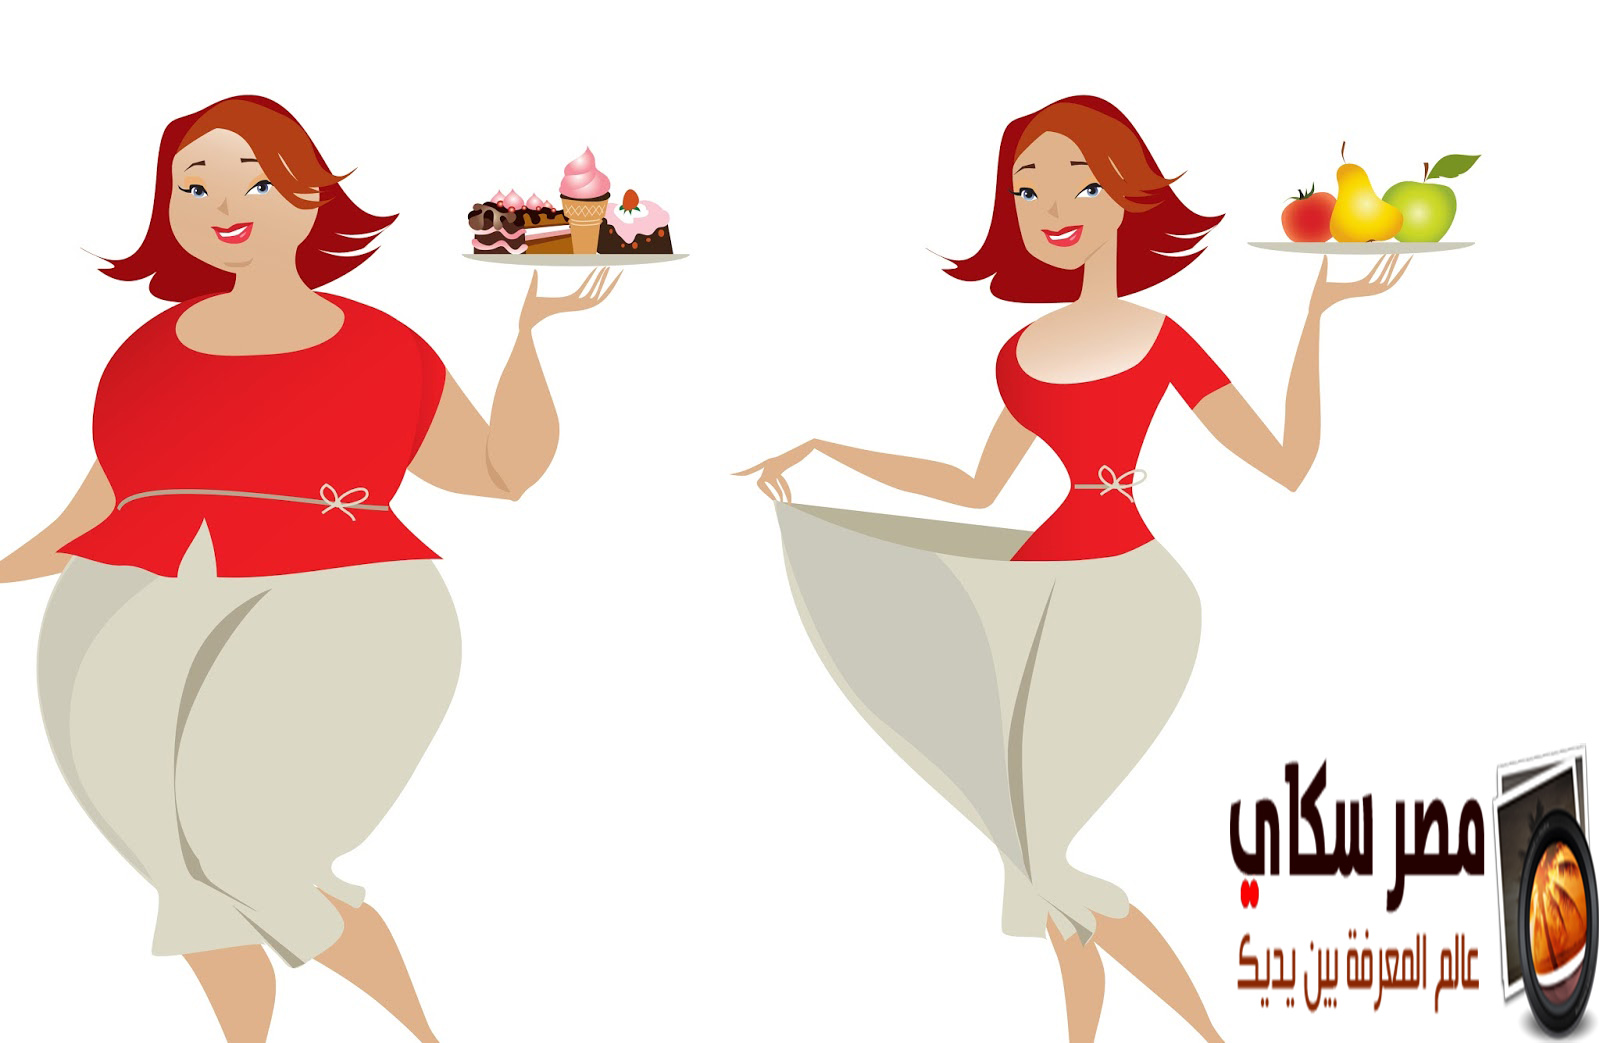 طرق تساعدك على إنقاص وزنك بسهولة